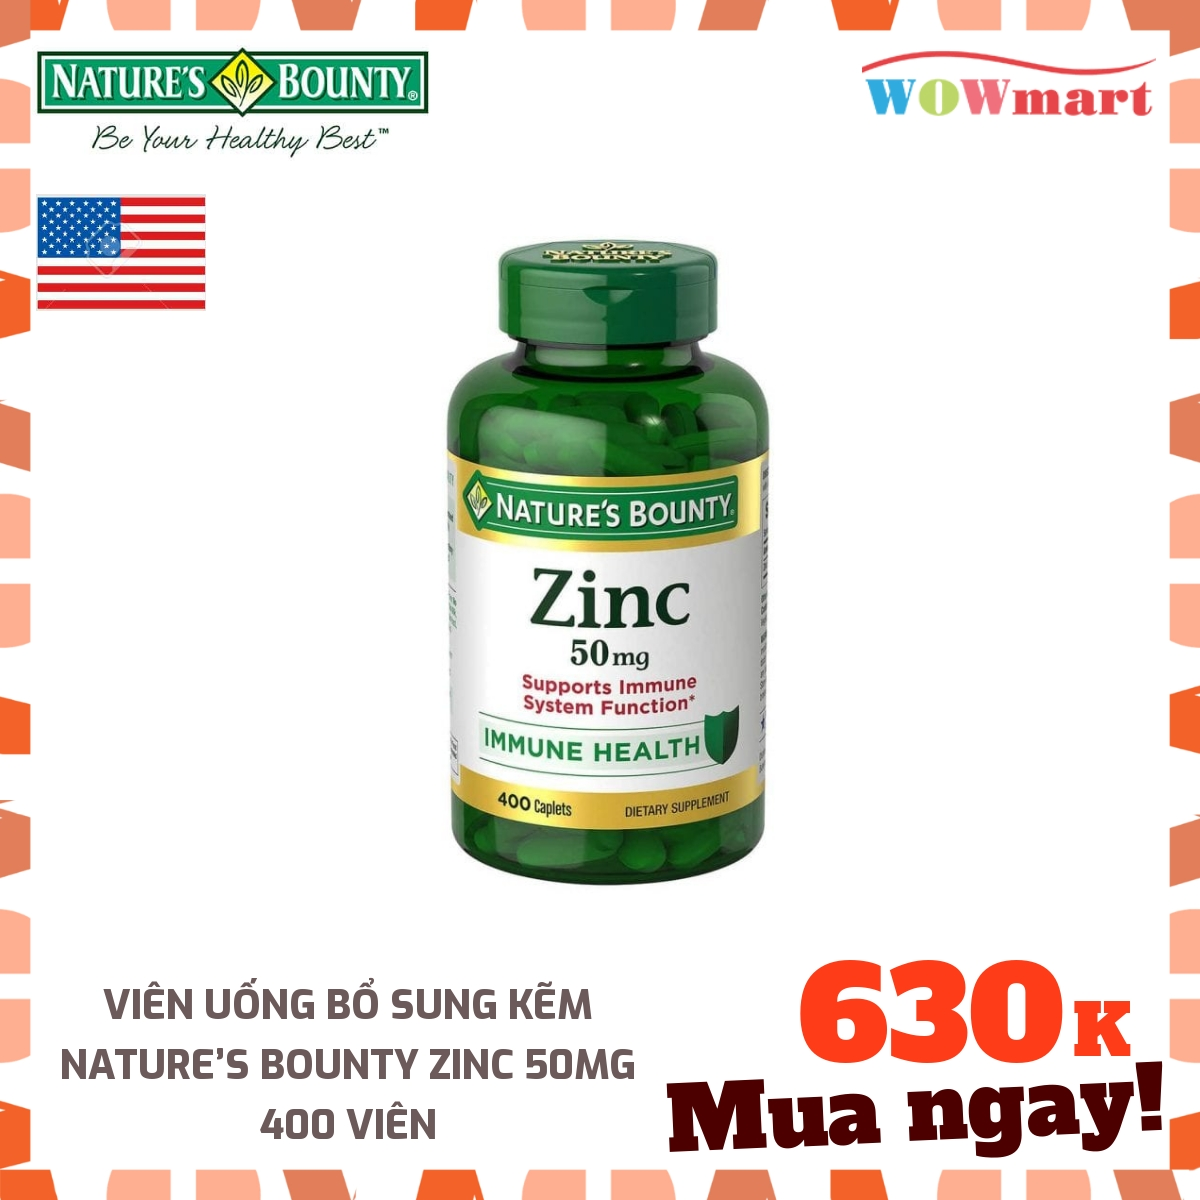 [HCM]Viên uống bổ sung kẽm Nature's Bounty Zinc 50mg 400 viên - [Mỹ]